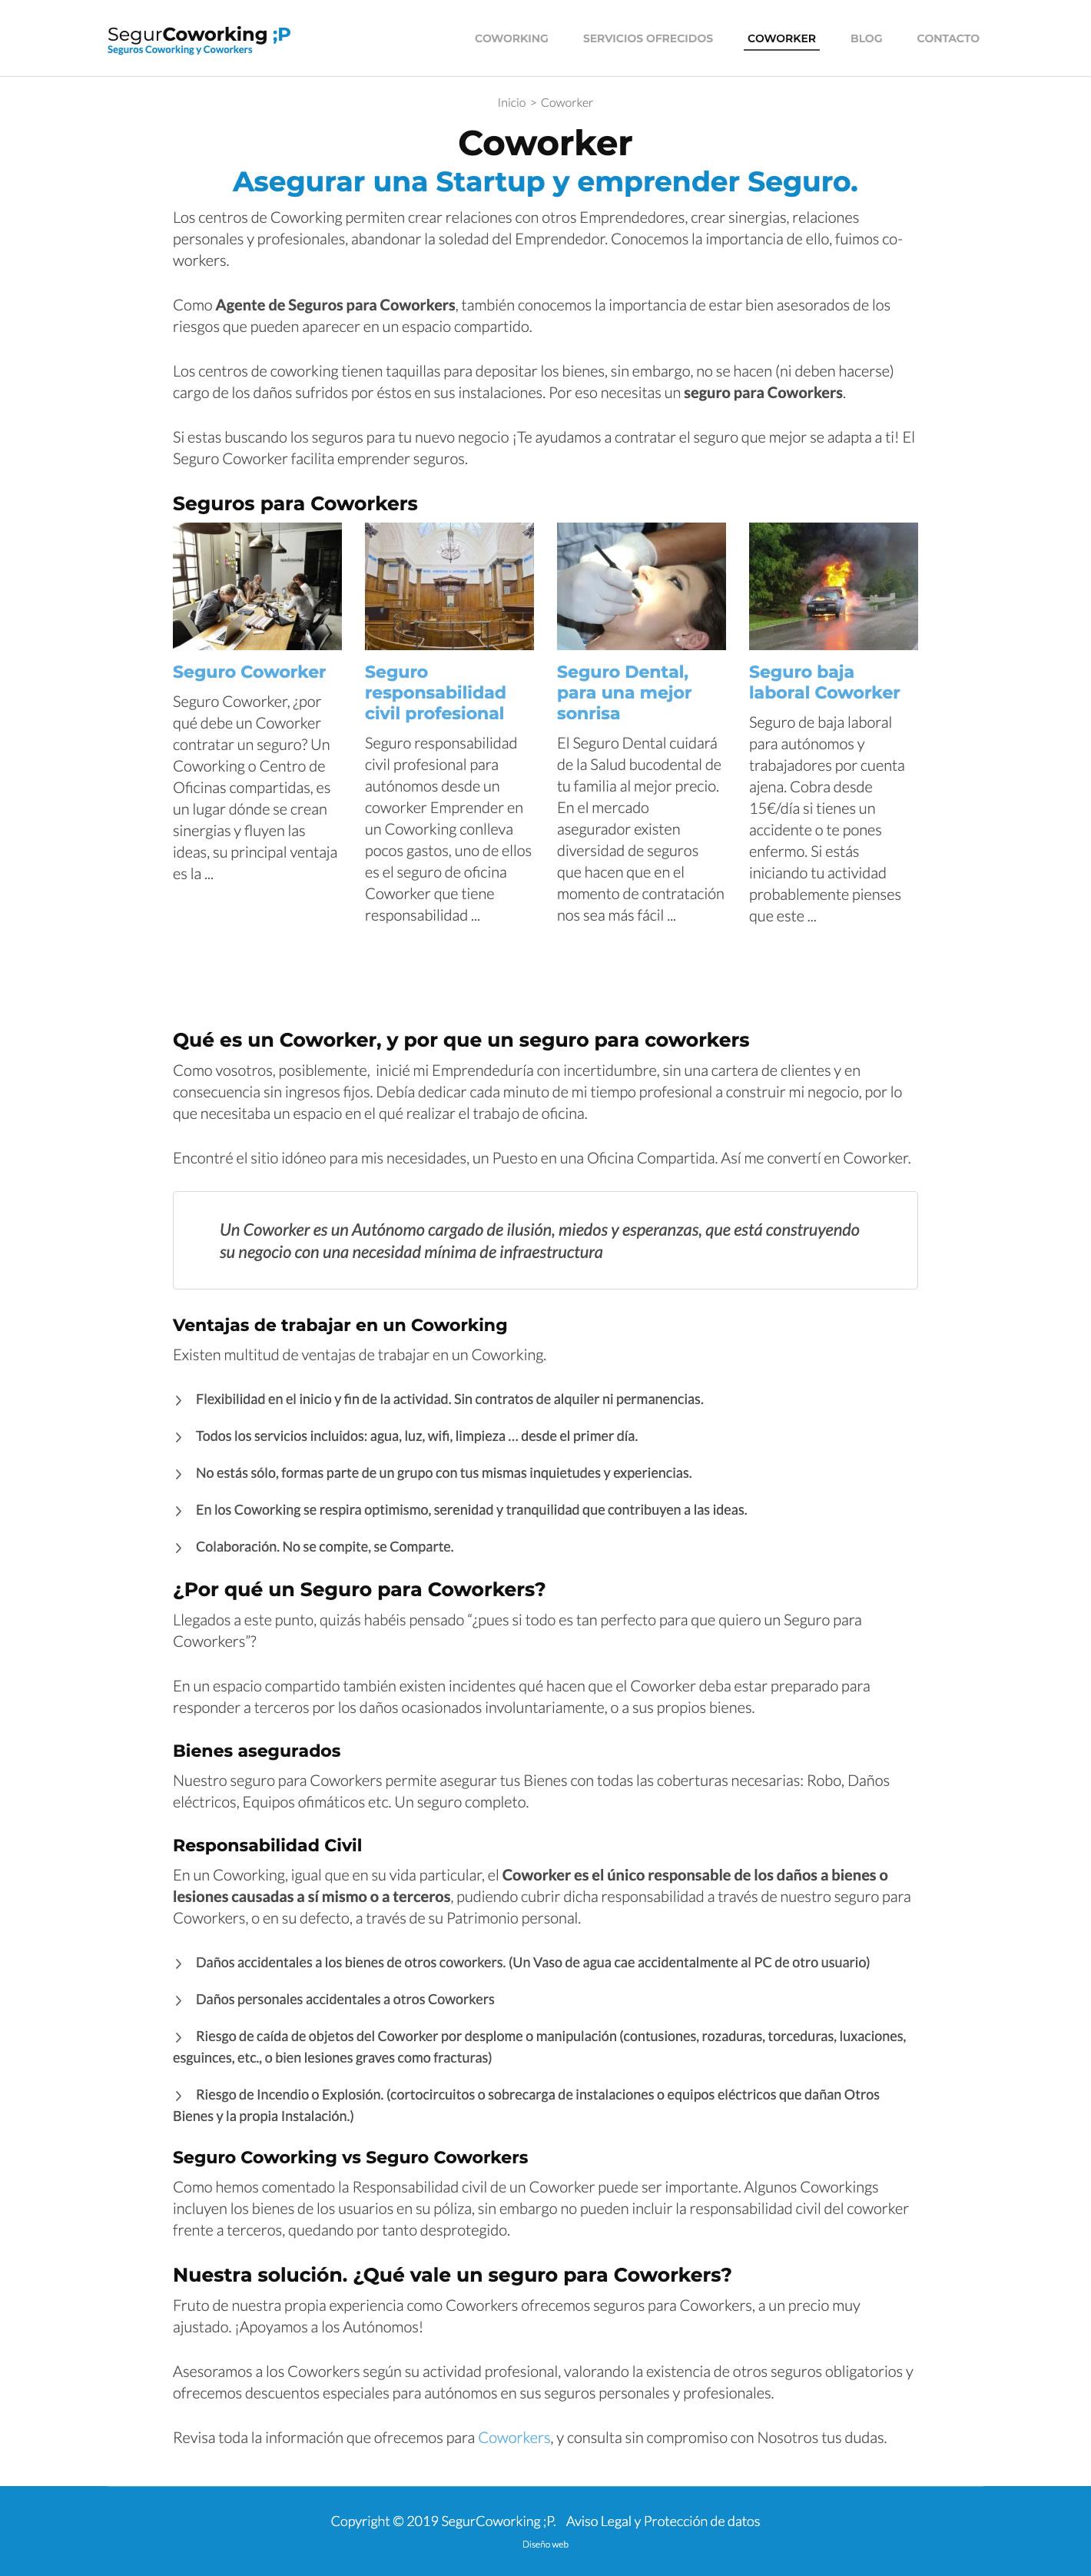 Diseño de una de las categorías de la página web